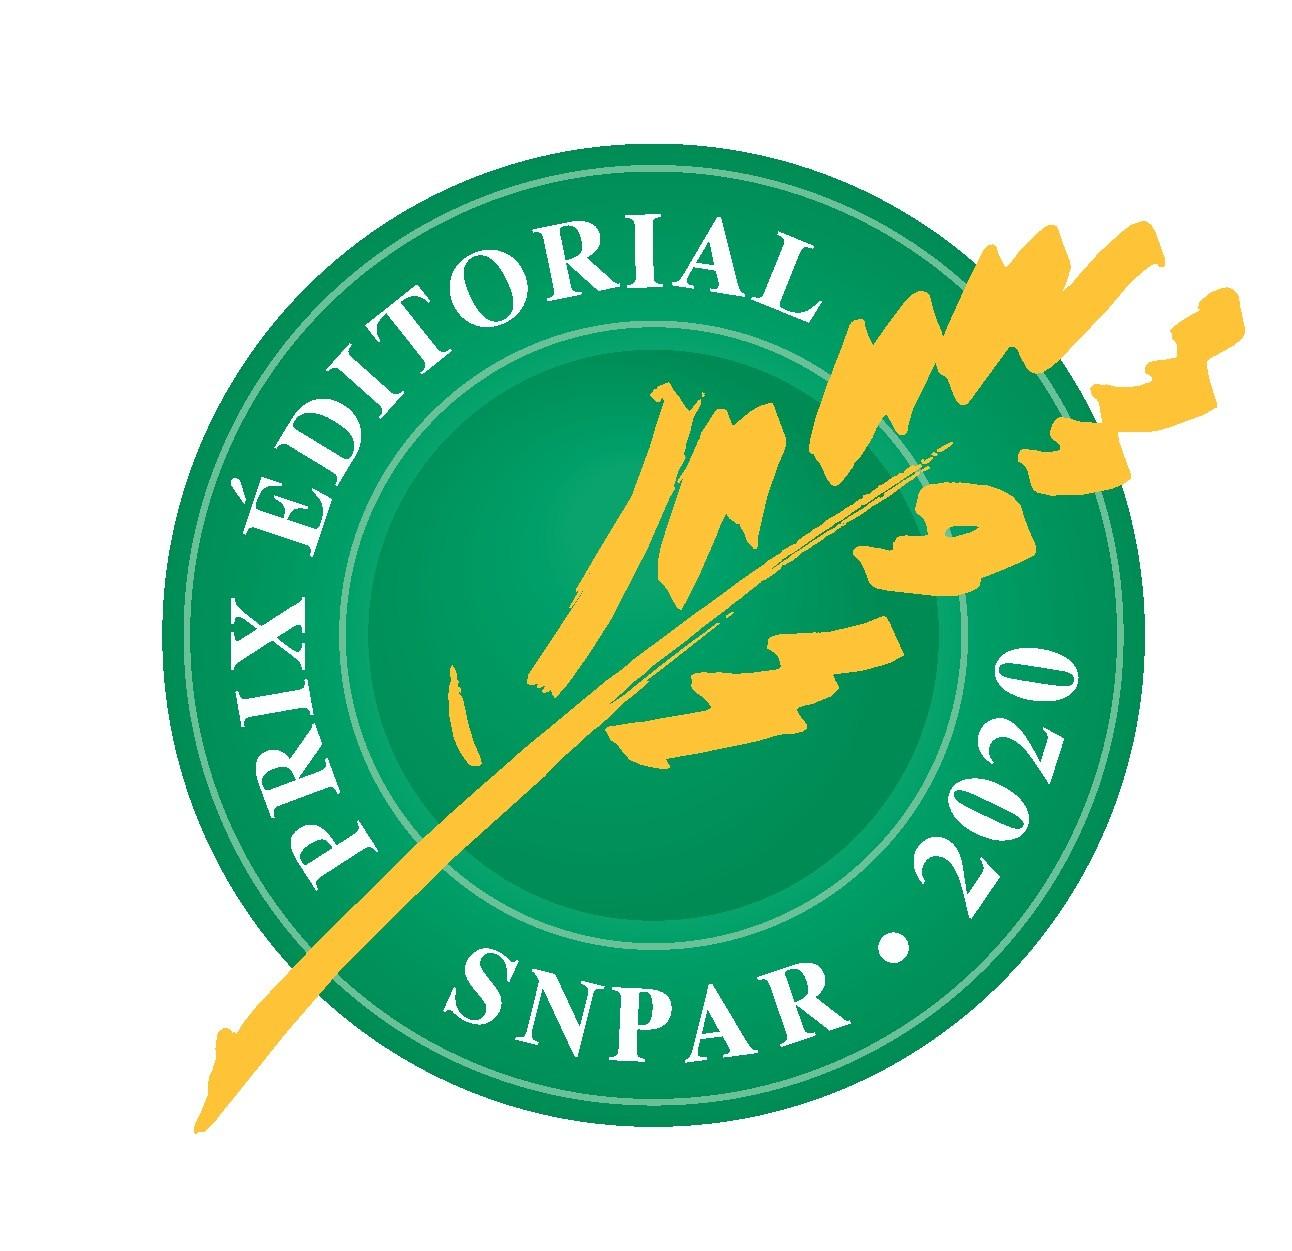 Participez au Prix Editorial 2020 de la Presse Agricole, Rurale et Cynégétique